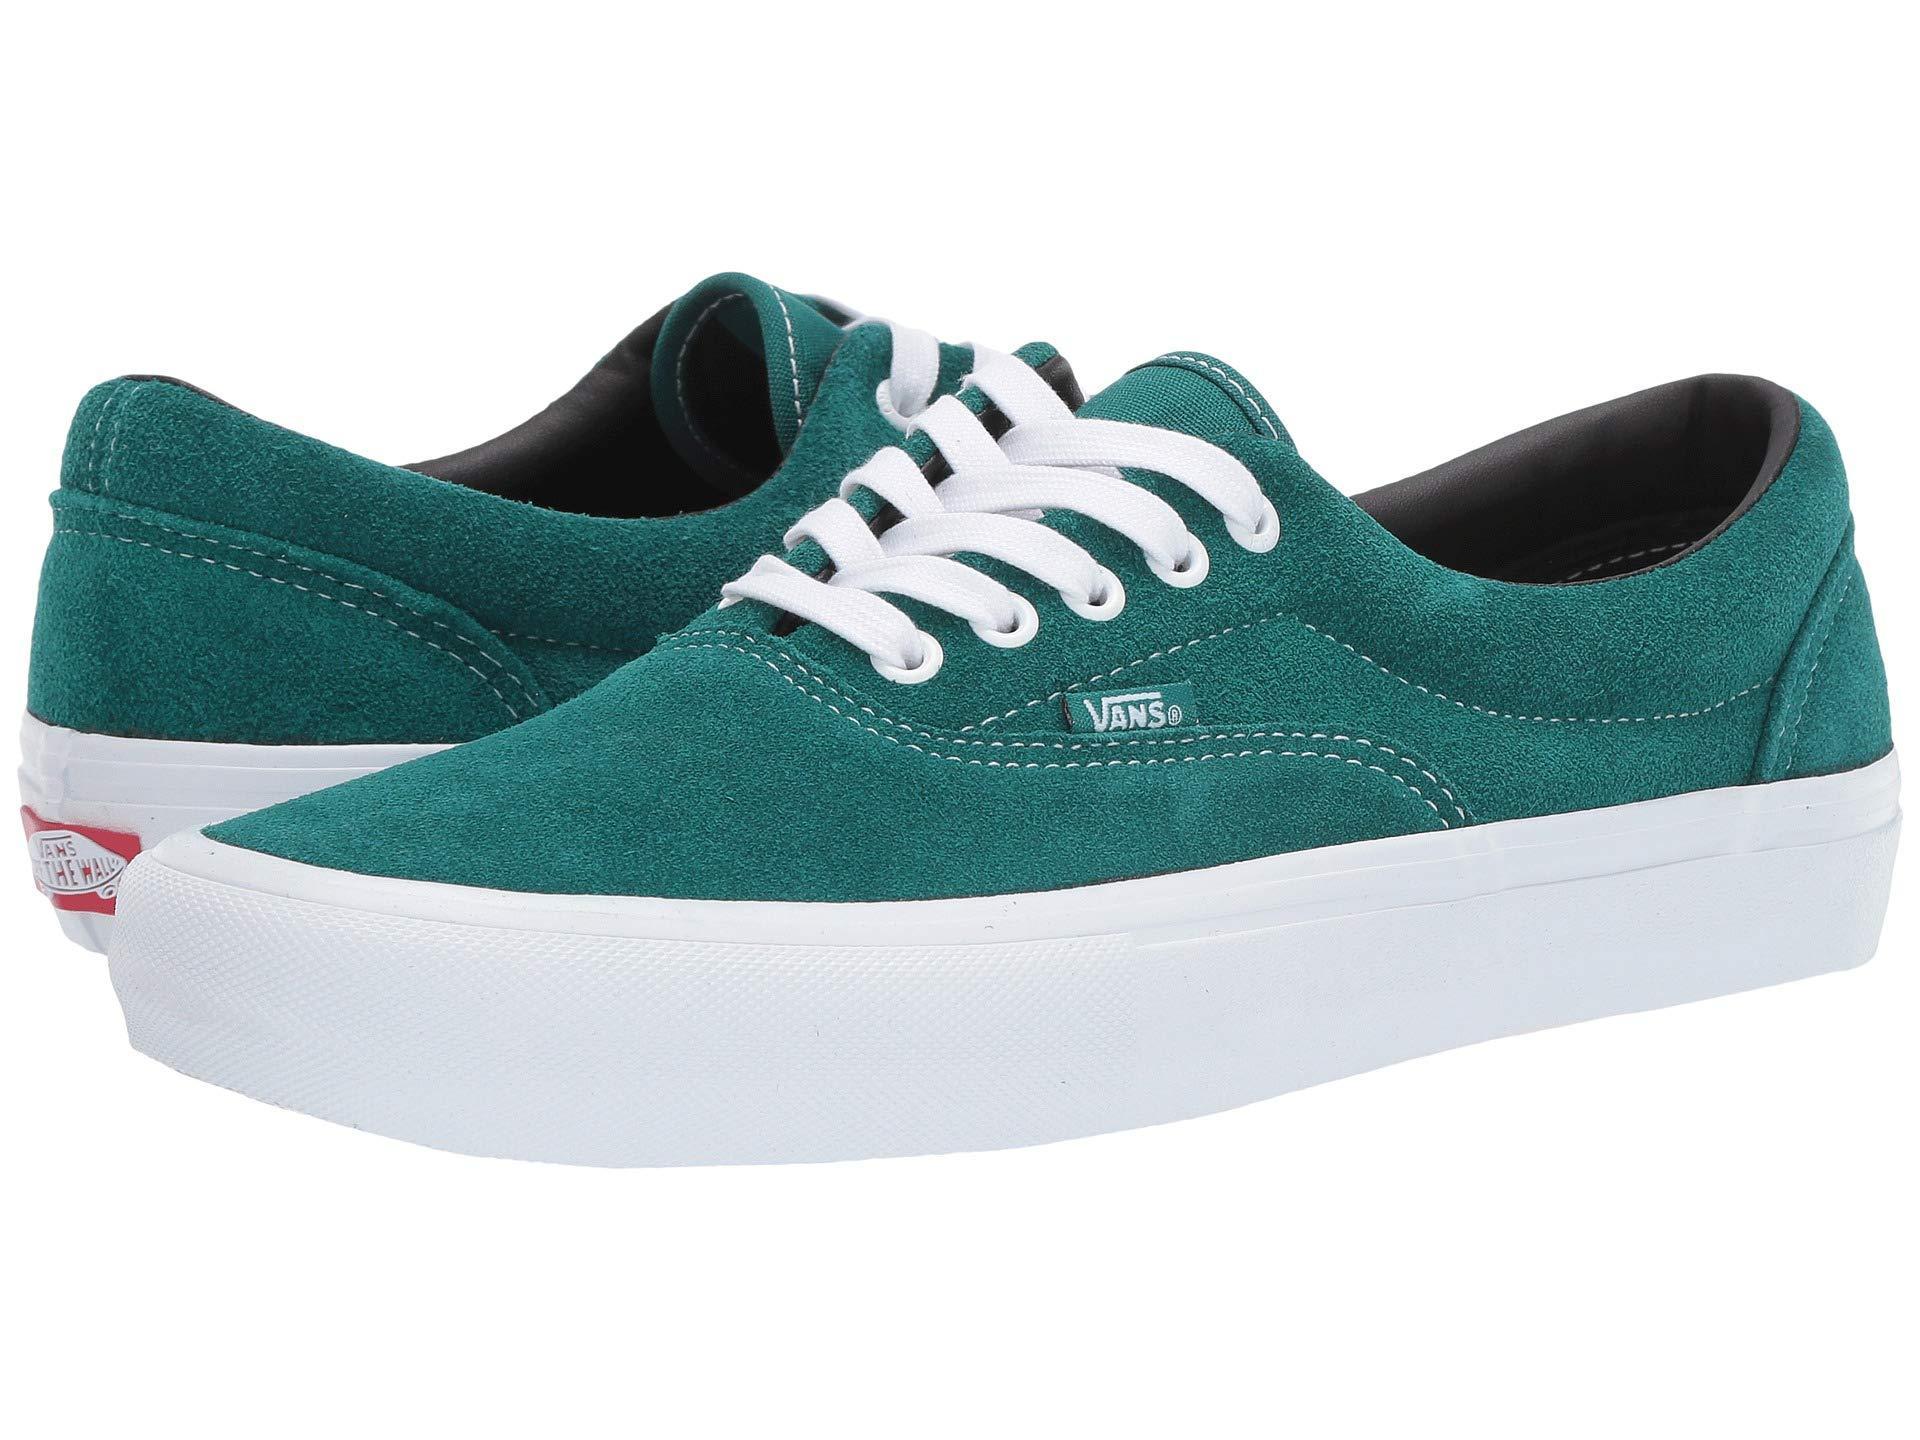 25c14efec572 Lyst - Vans Era Pro (blackout) Men s Skate Shoes in Green for Men